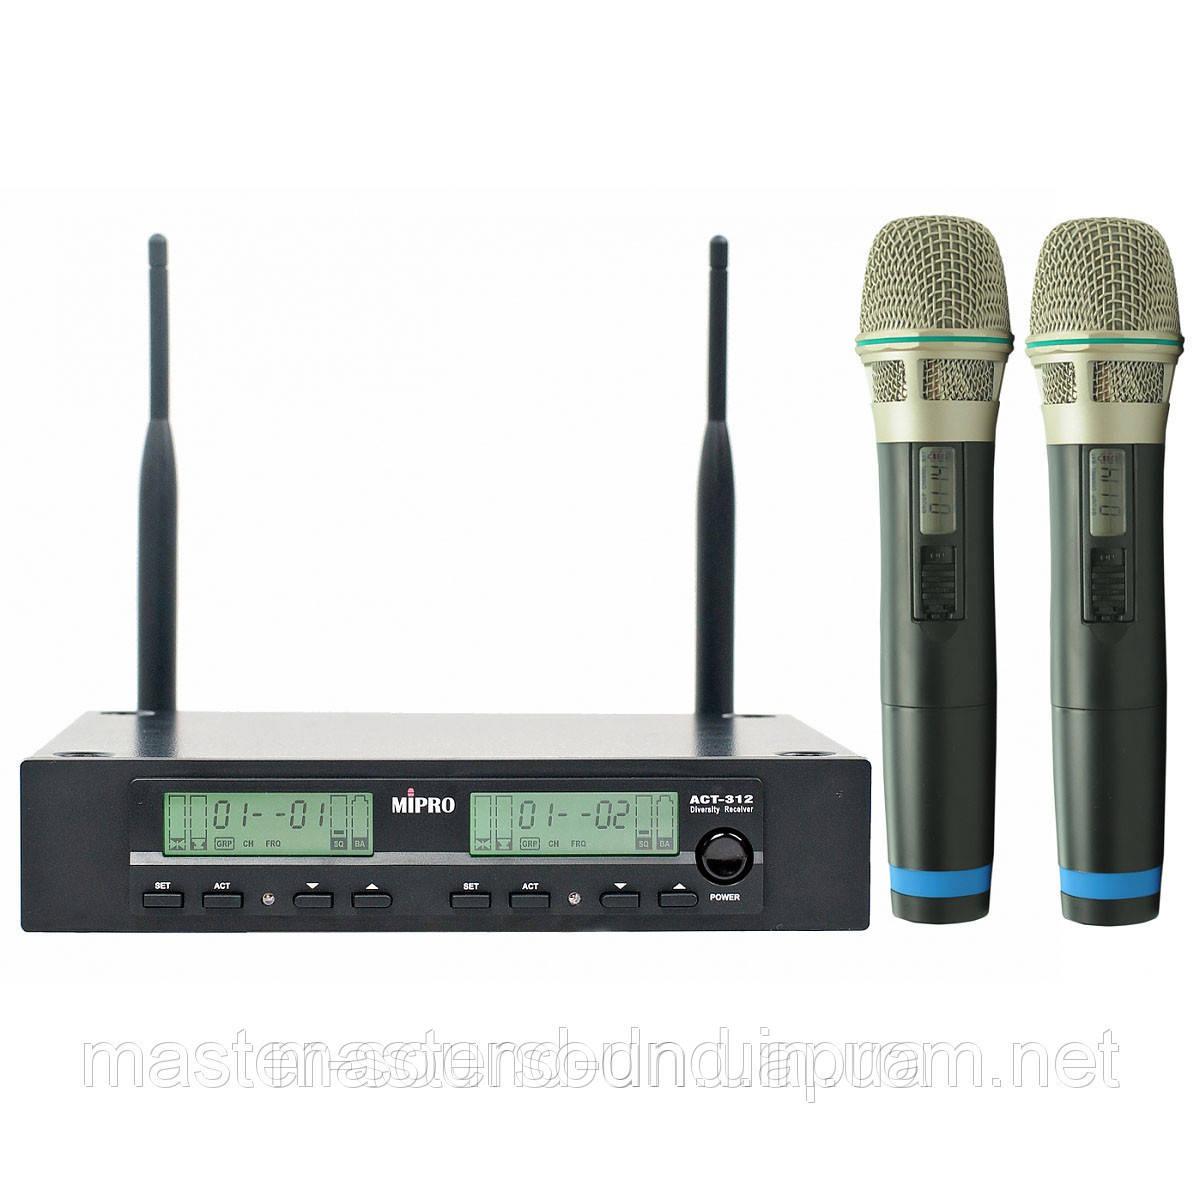 Радиосистема Mipro ACT-312/ACT-30H2